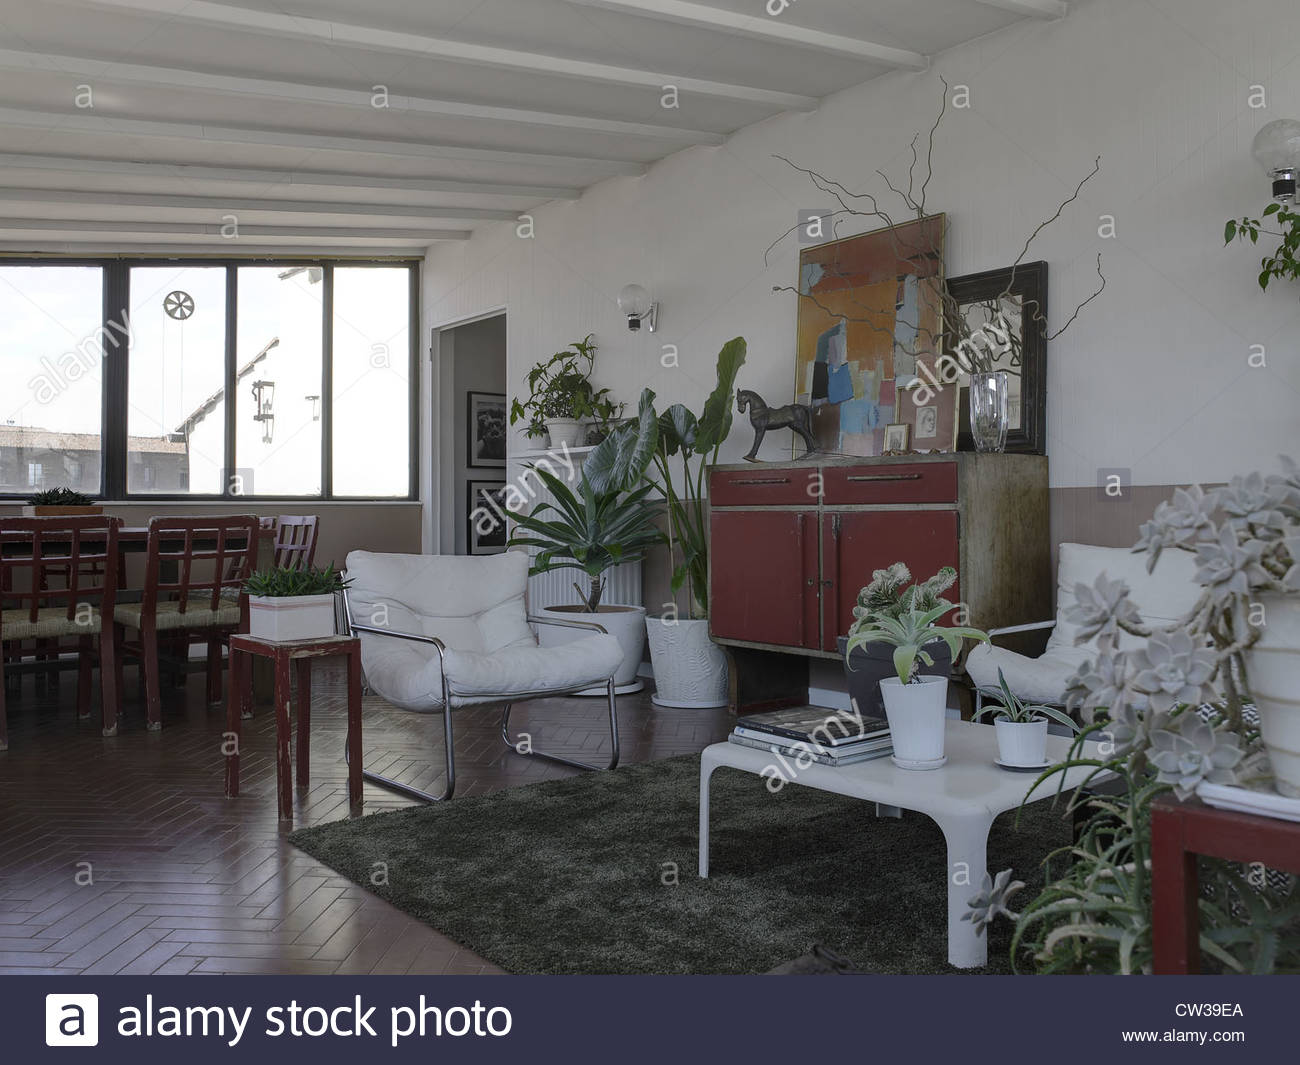 Modernes Wohnzimmer In Einer Wohnung In Italien Mit Vielen Pflanzen Und  Blumen Wie Ein Gewächshaus